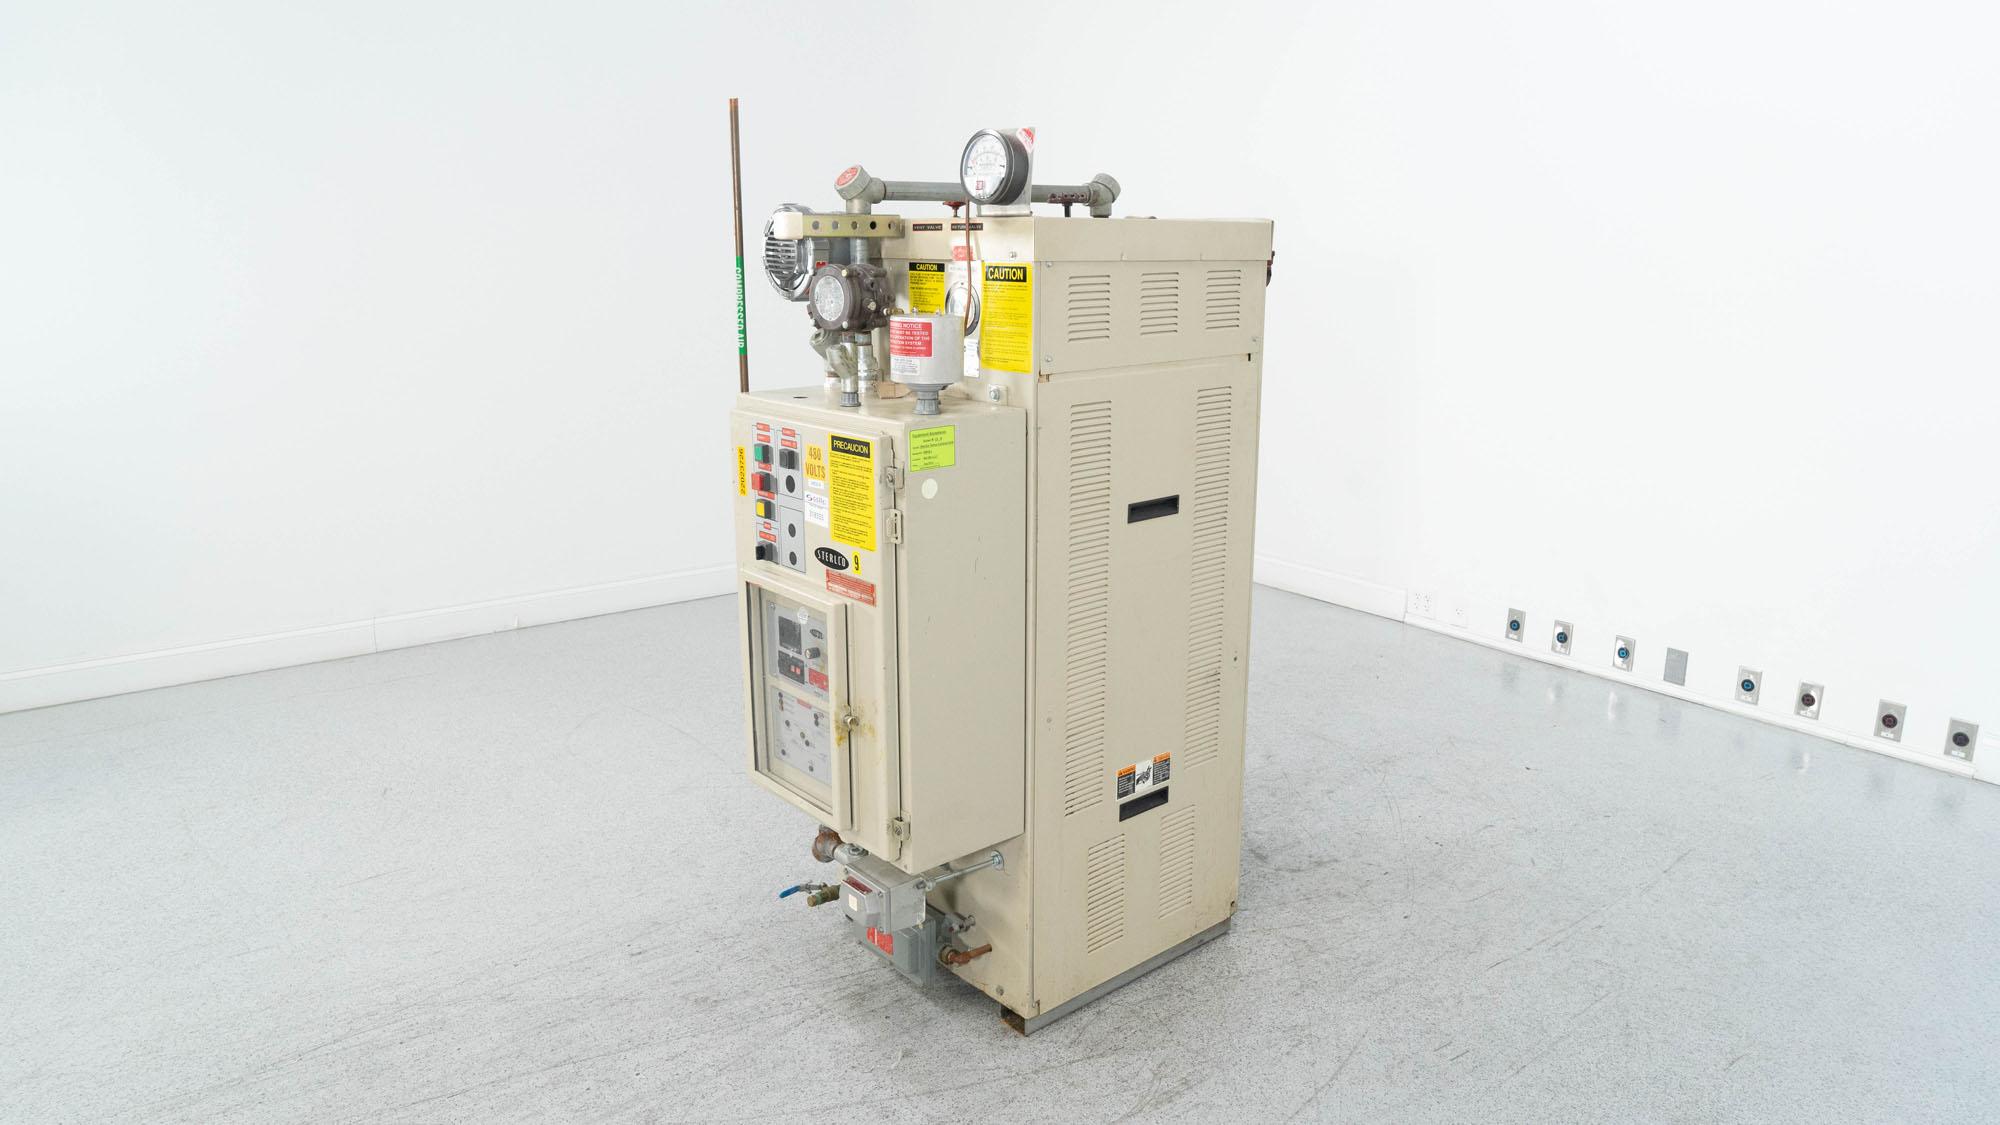 18 KW Sterlco Temperature Control Unit, Model S9016-J1